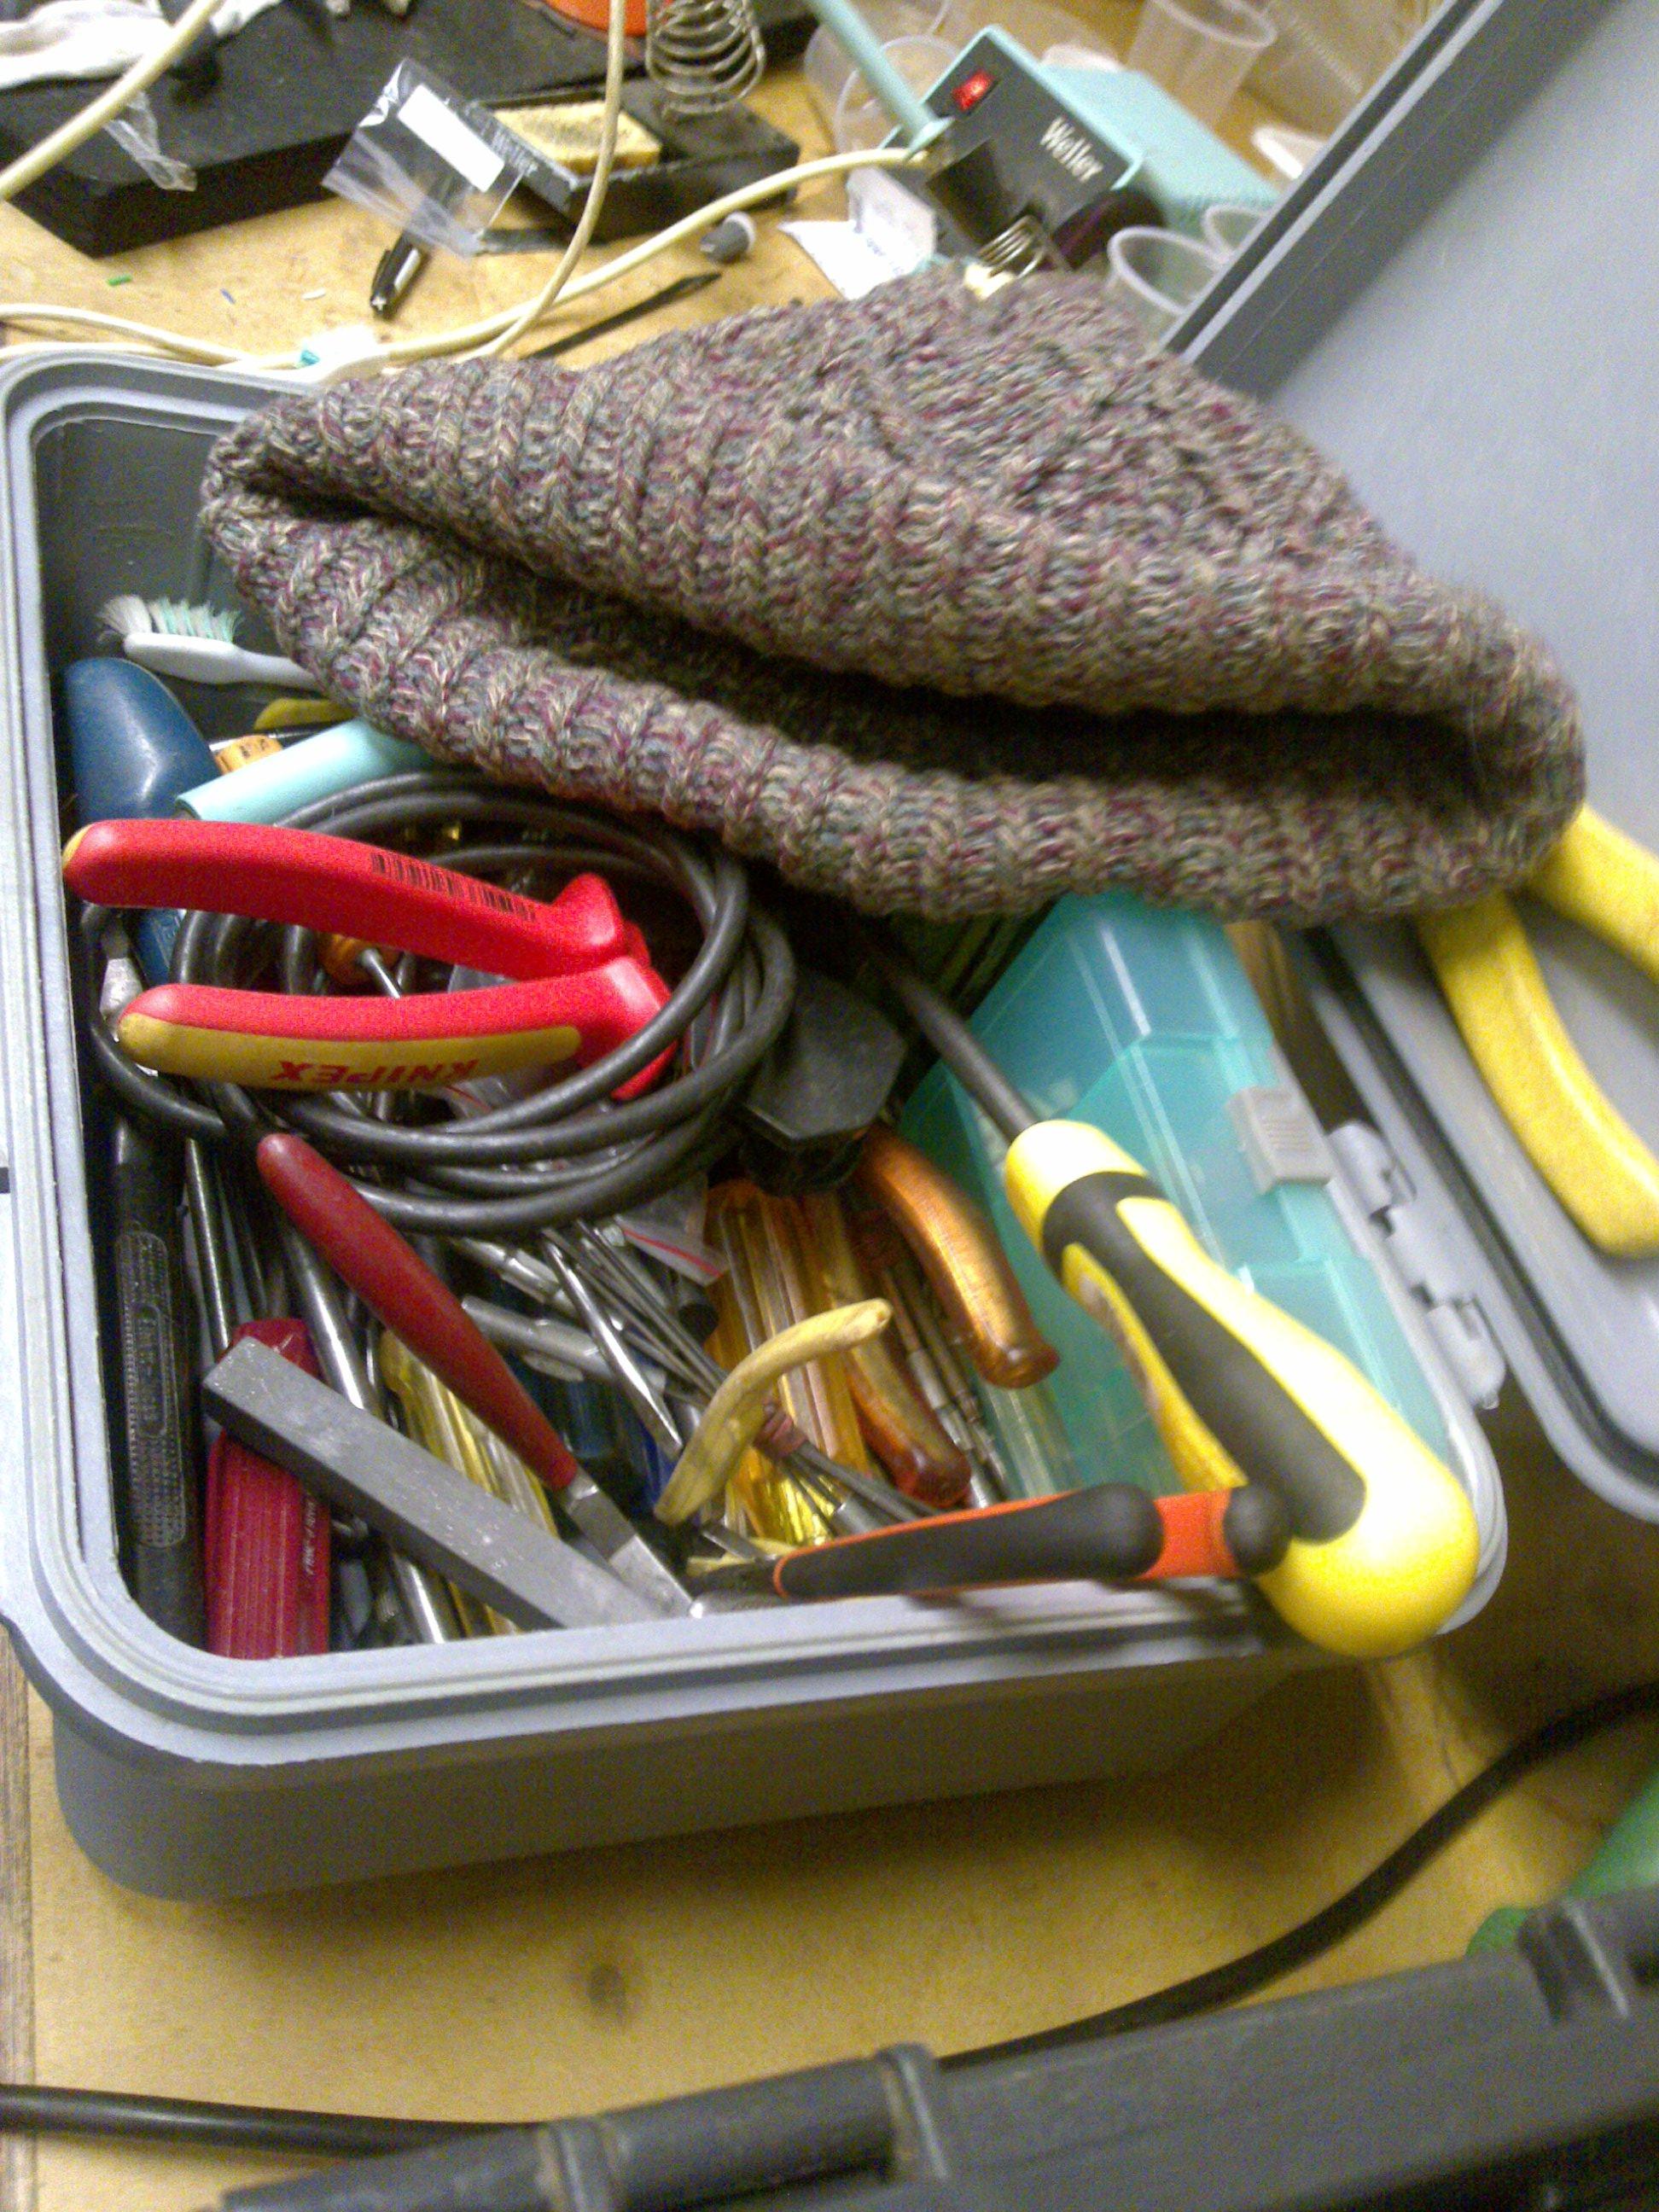 Marcel's marvelous box of tricks